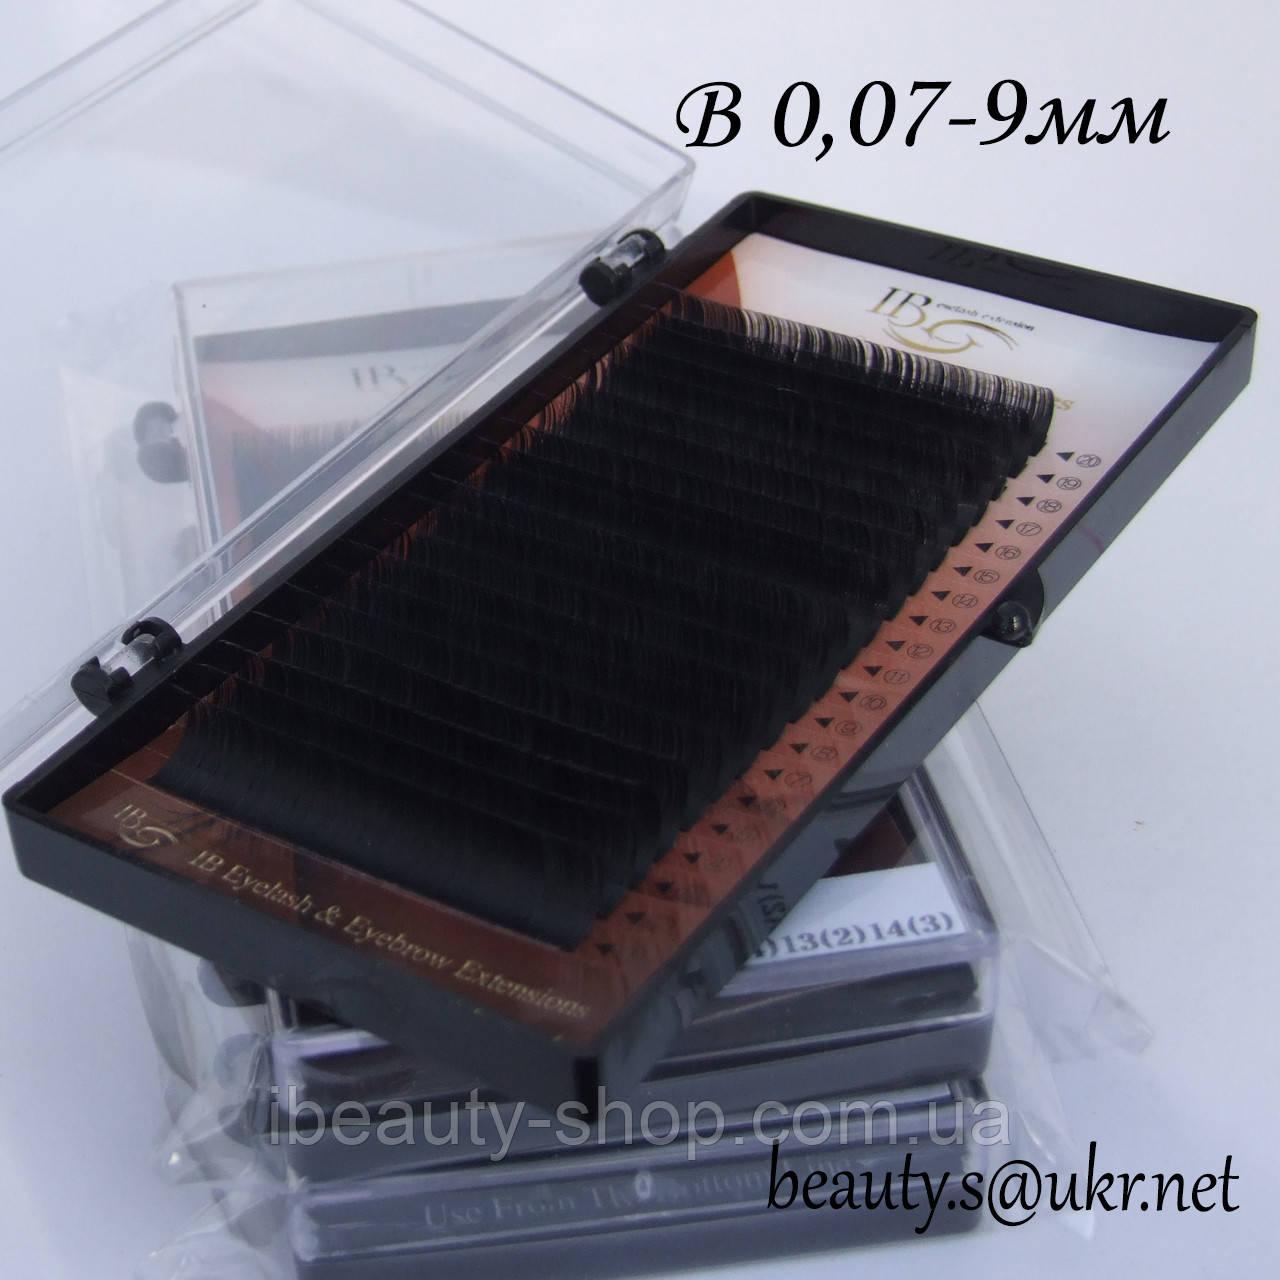 Вії I-Beauty на стрічці B 0,07-9мм